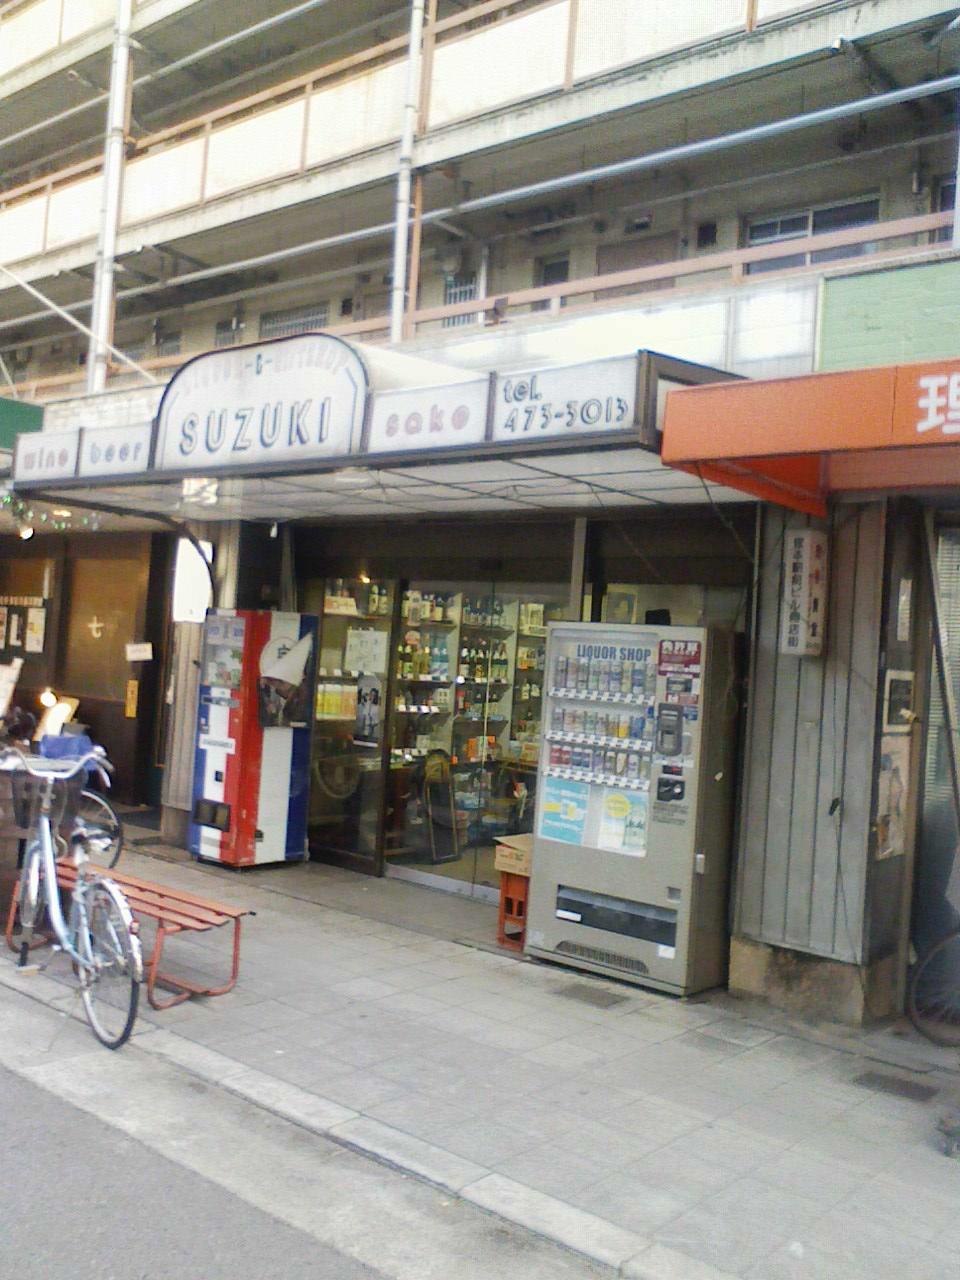 久しぶり「塚本駅前漂流」味わいの街!_c0061686_747521.jpg